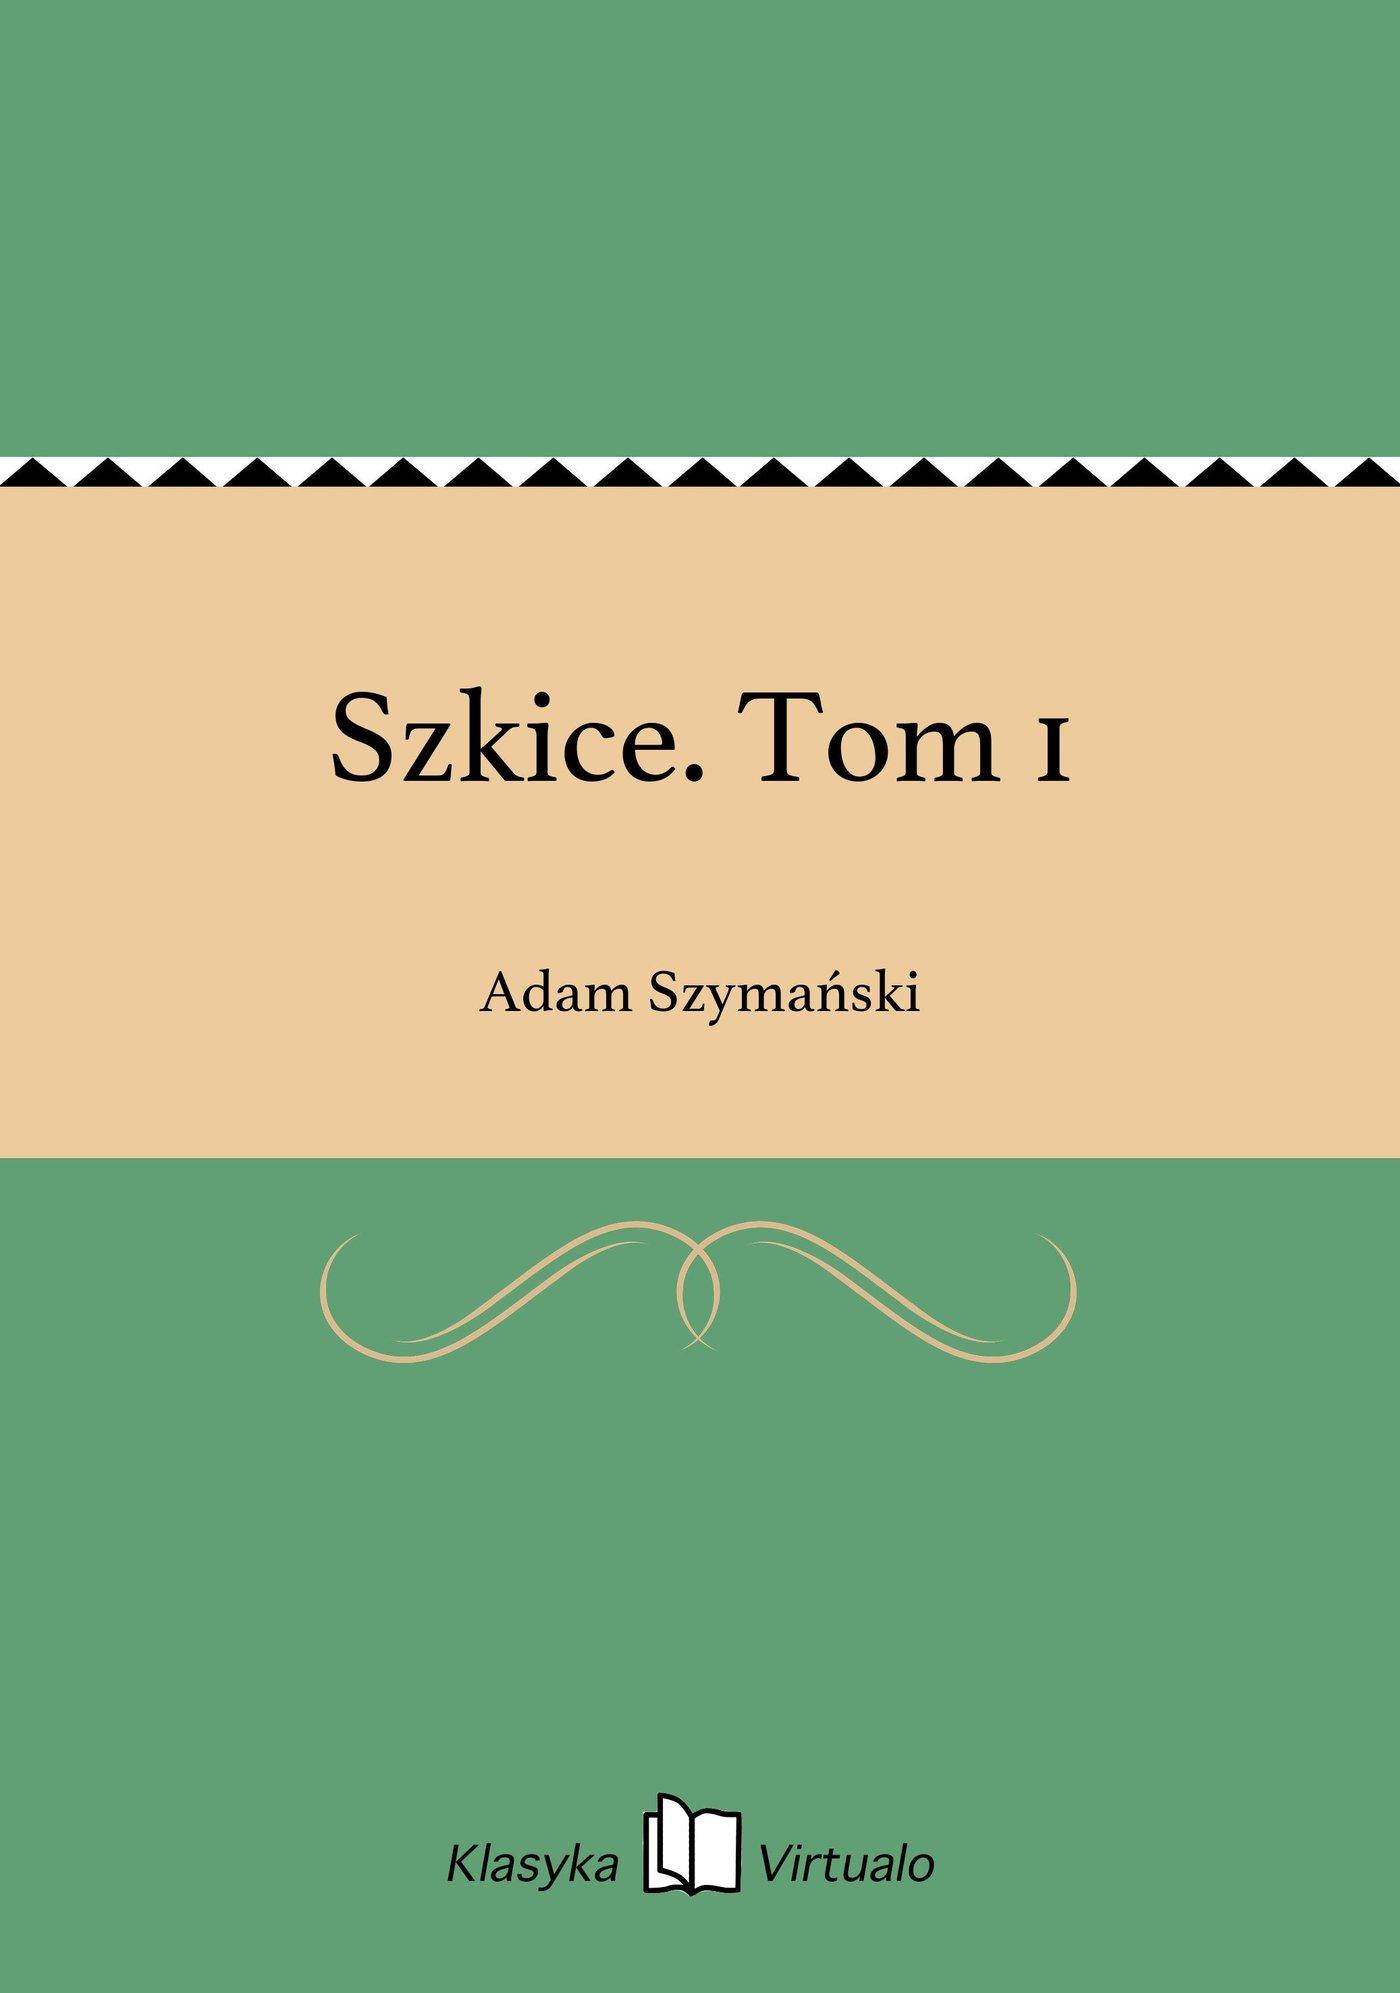 Szkice. Tom 1 - Ebook (Książka EPUB) do pobrania w formacie EPUB